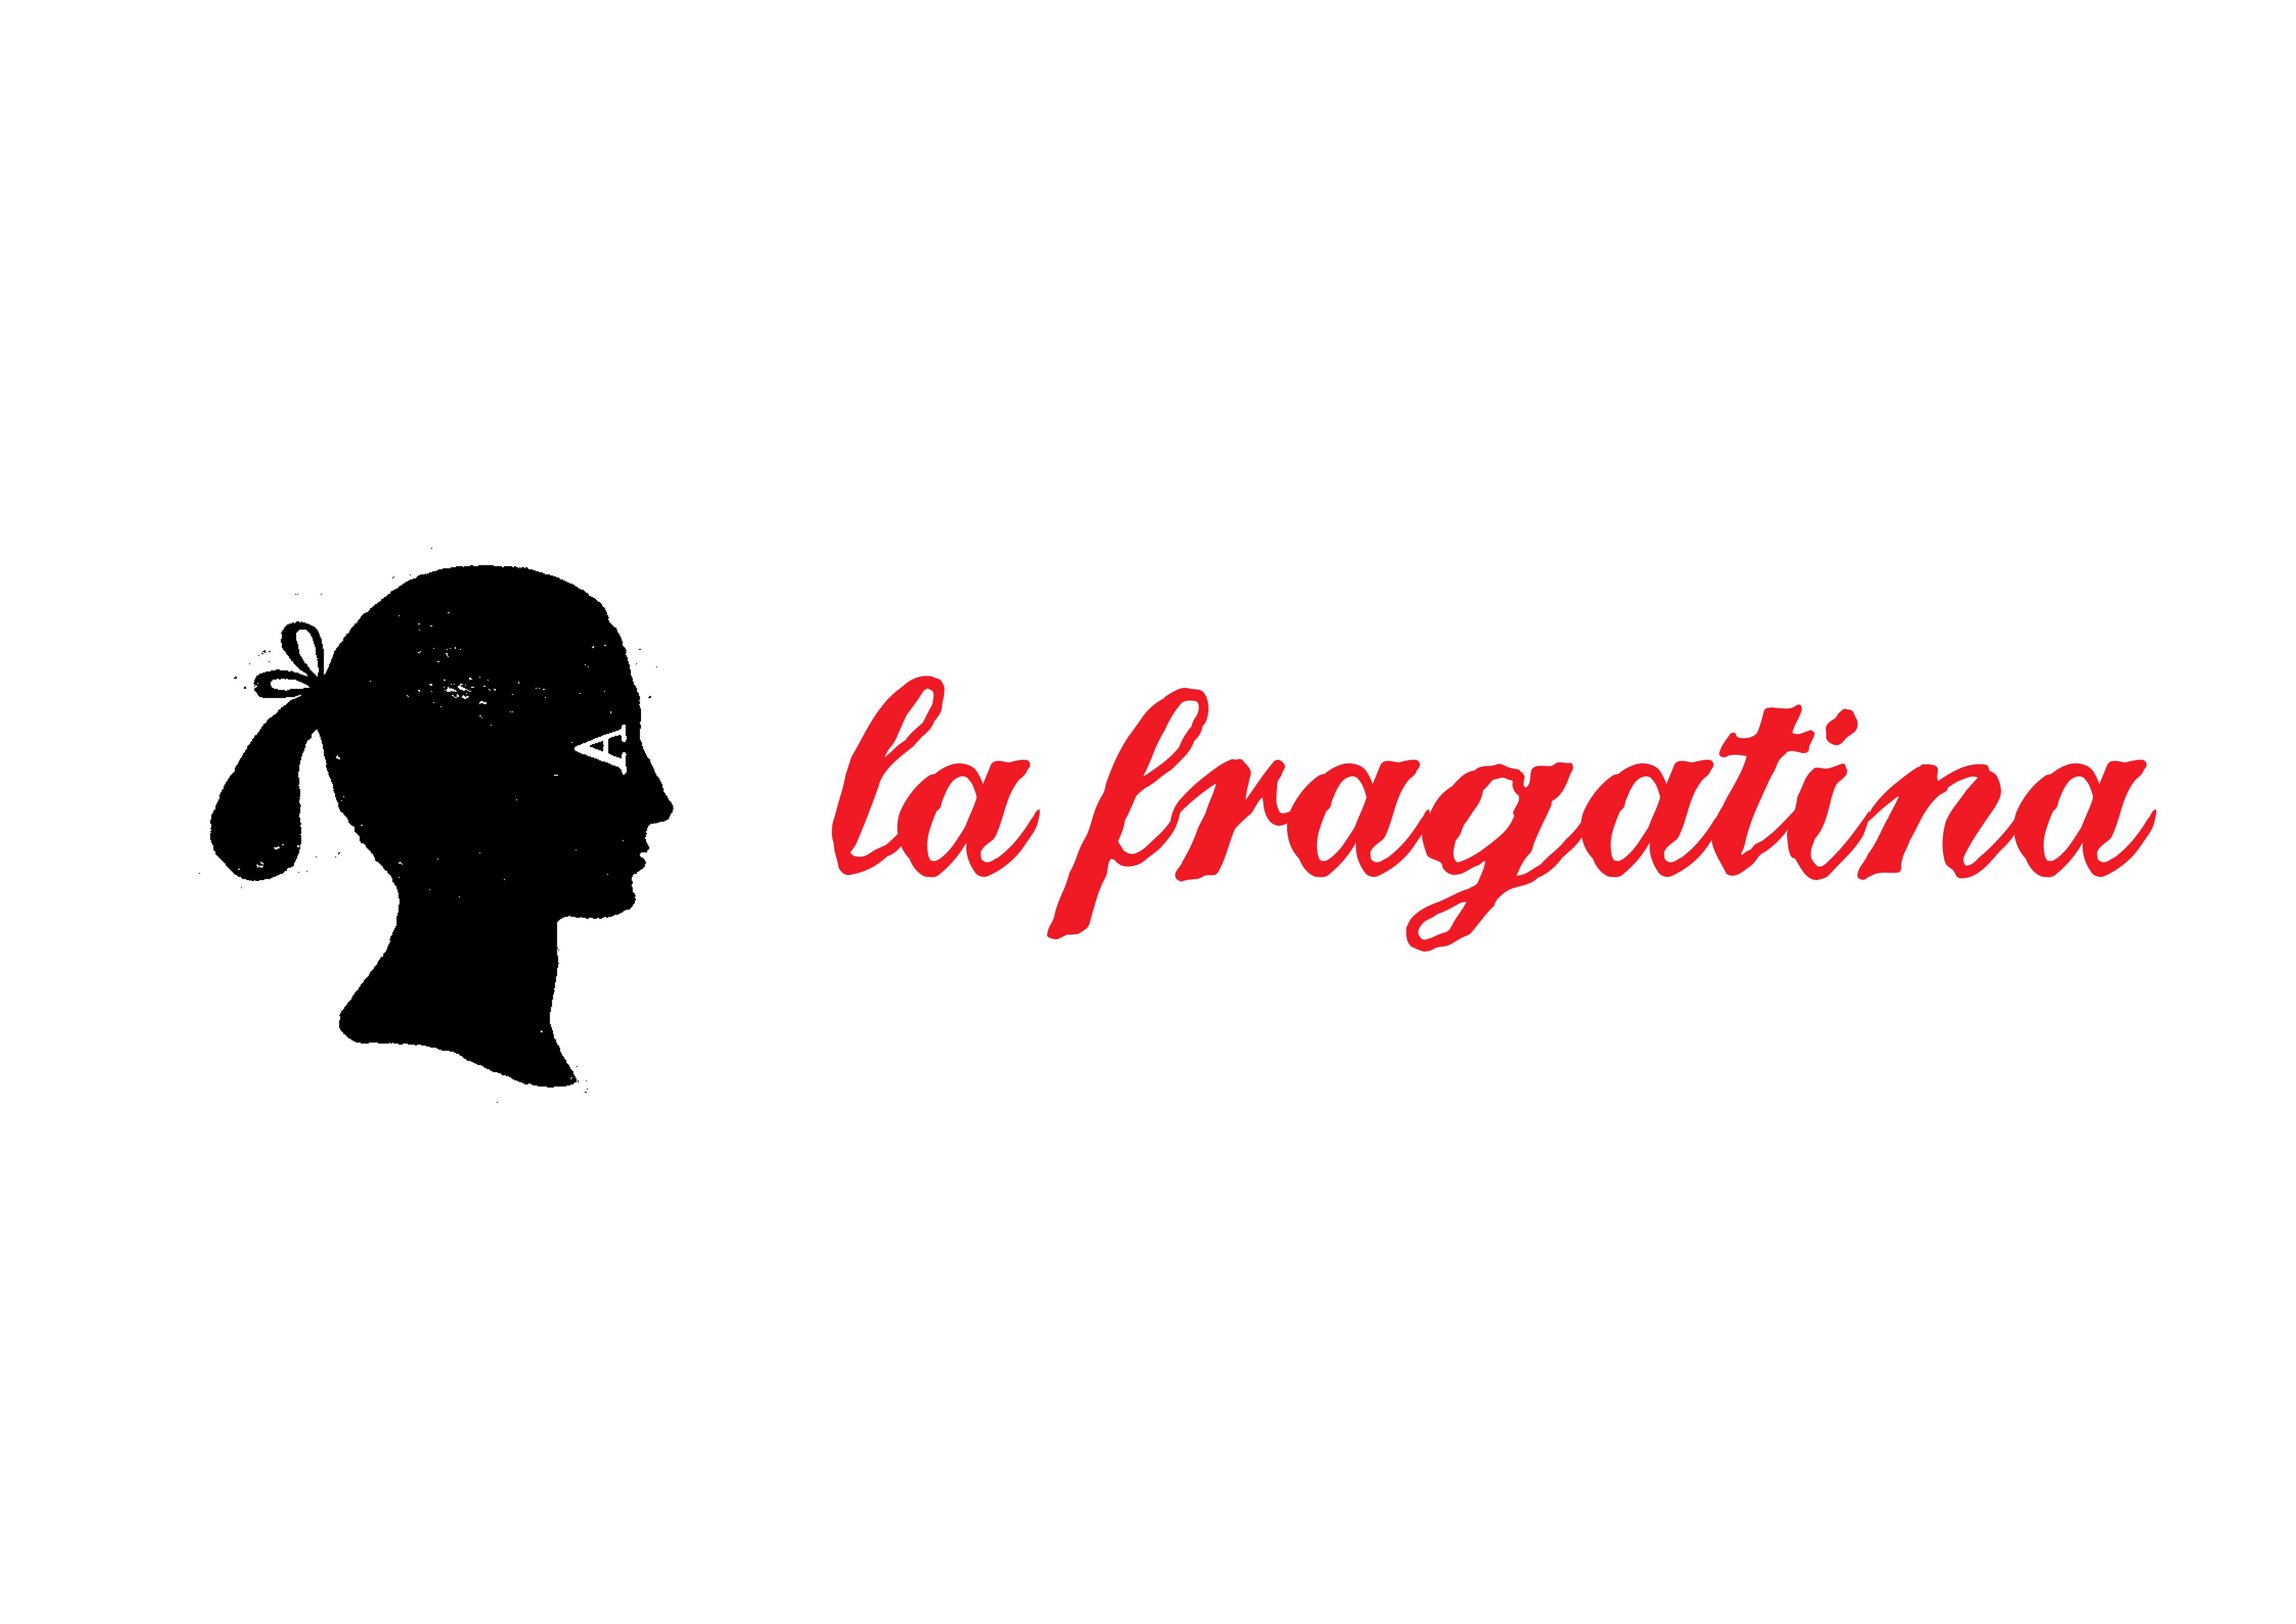 lA FRAGATINA